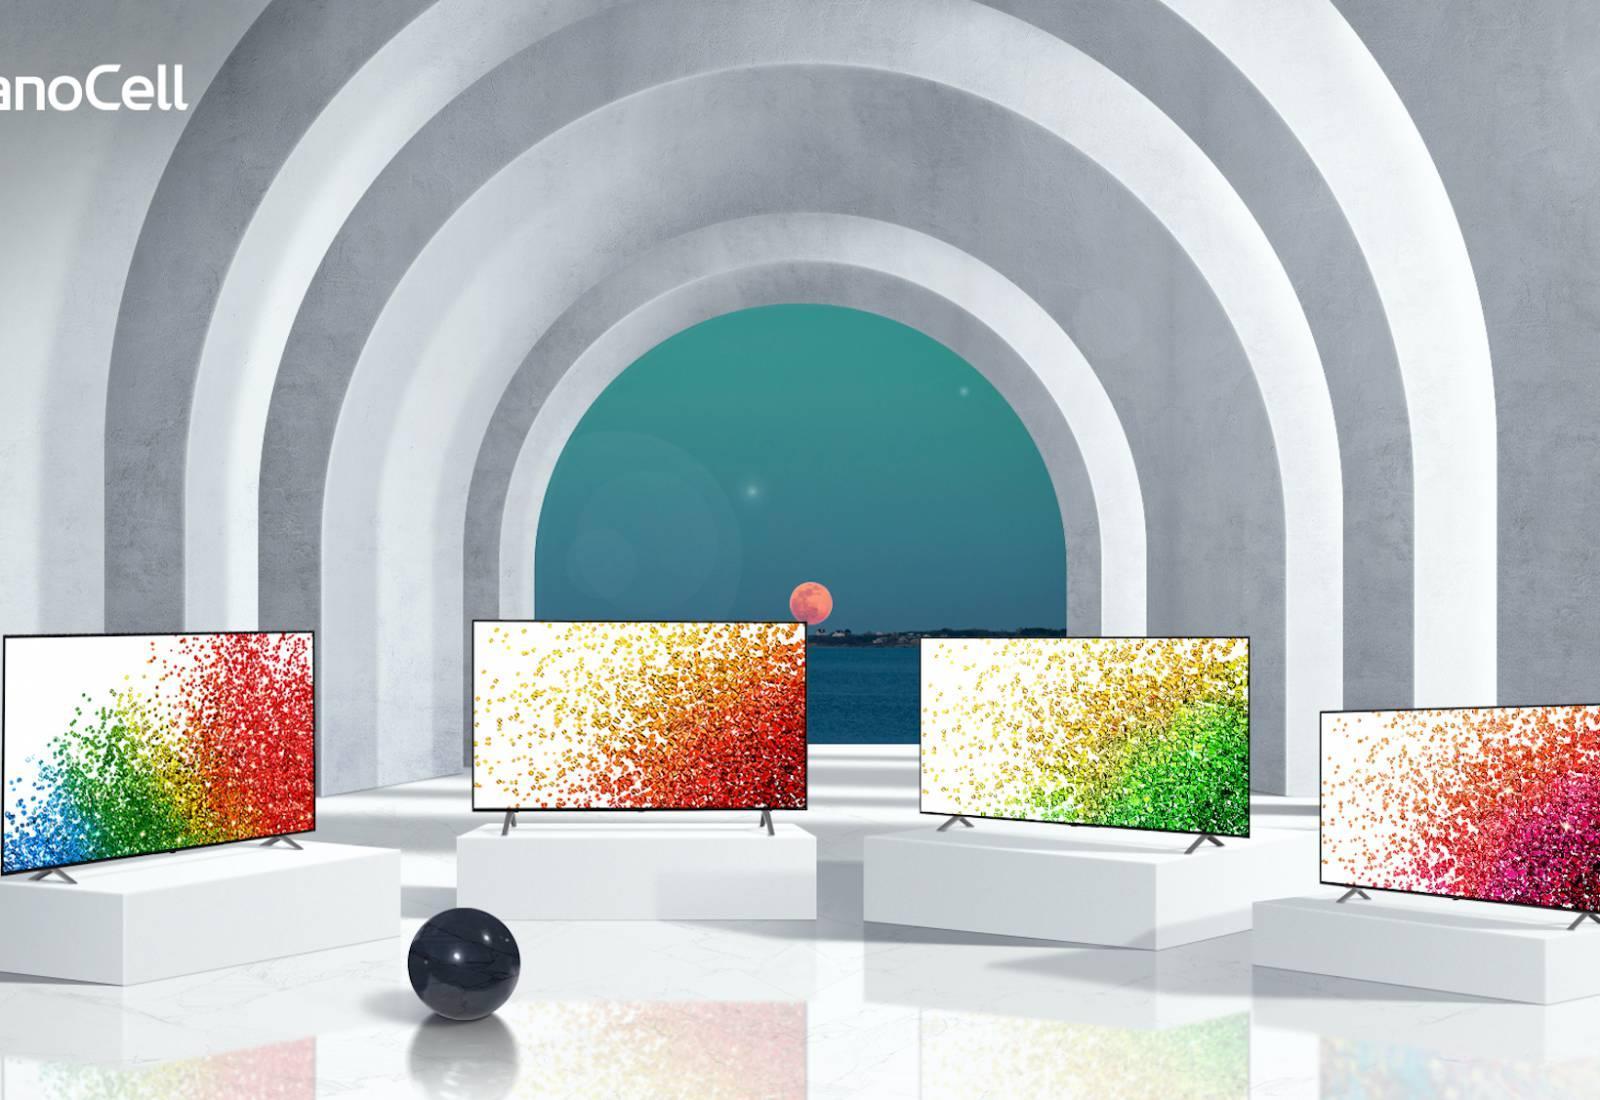 Immagine LG: presentata la nuova gamma di tv 2021 1